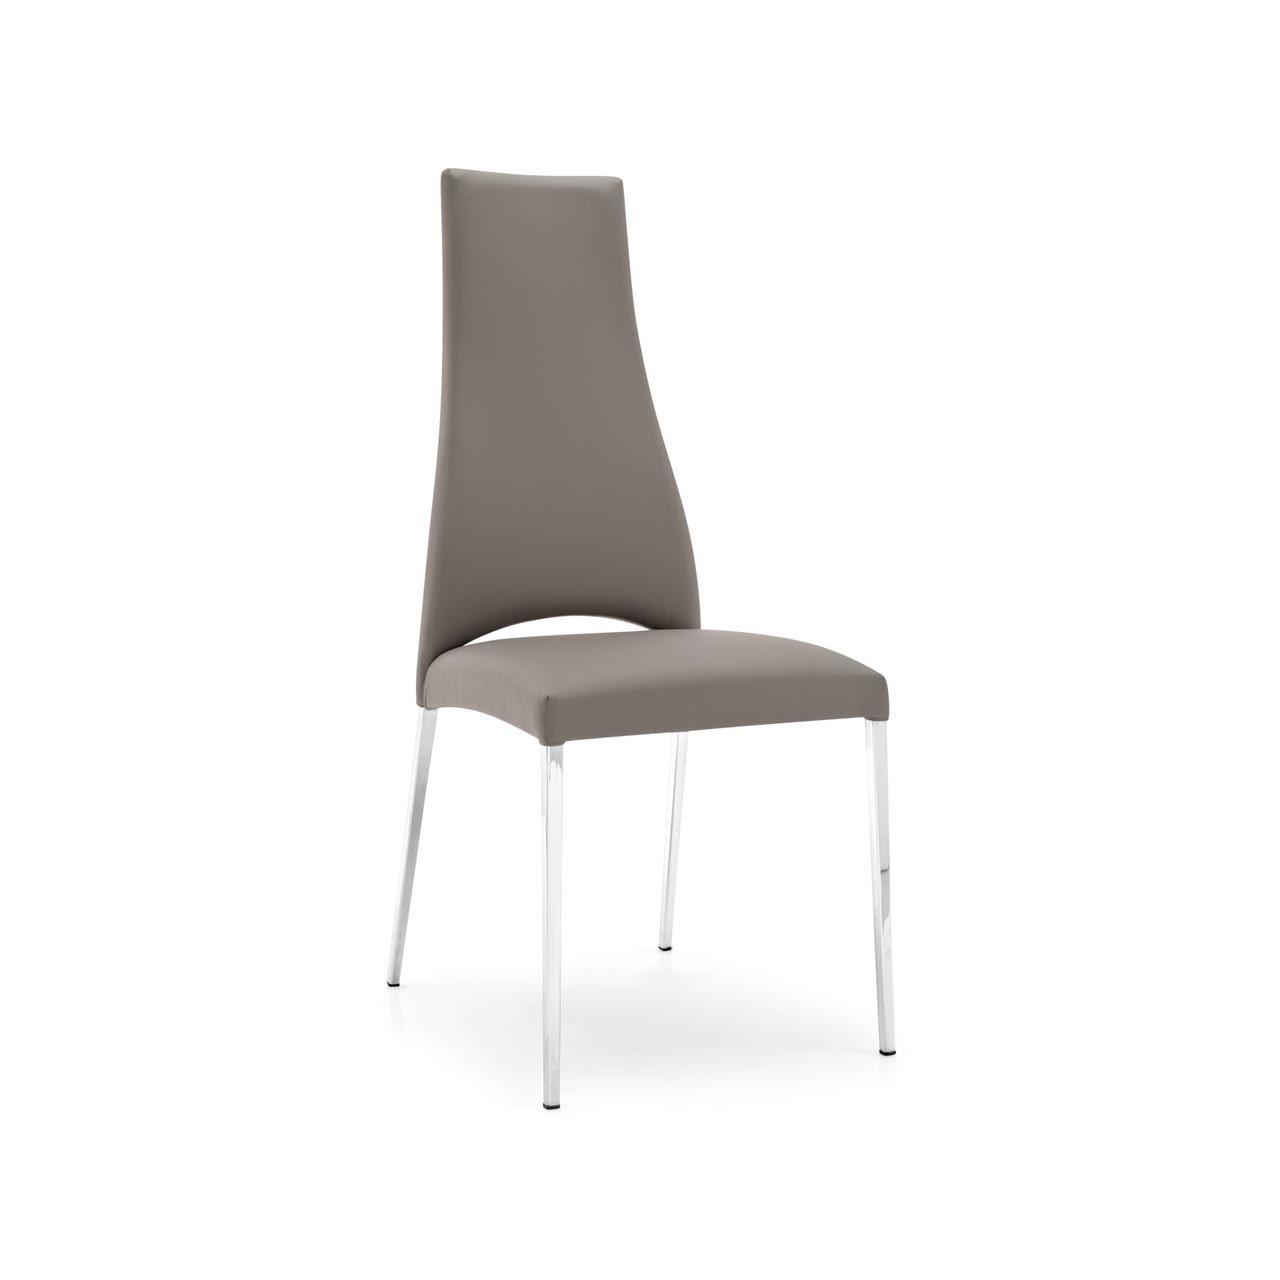 Juliet sedia sedie e sgabelli torino calligaris arredamenti traiano - Sedia juliet calligaris prezzo ...